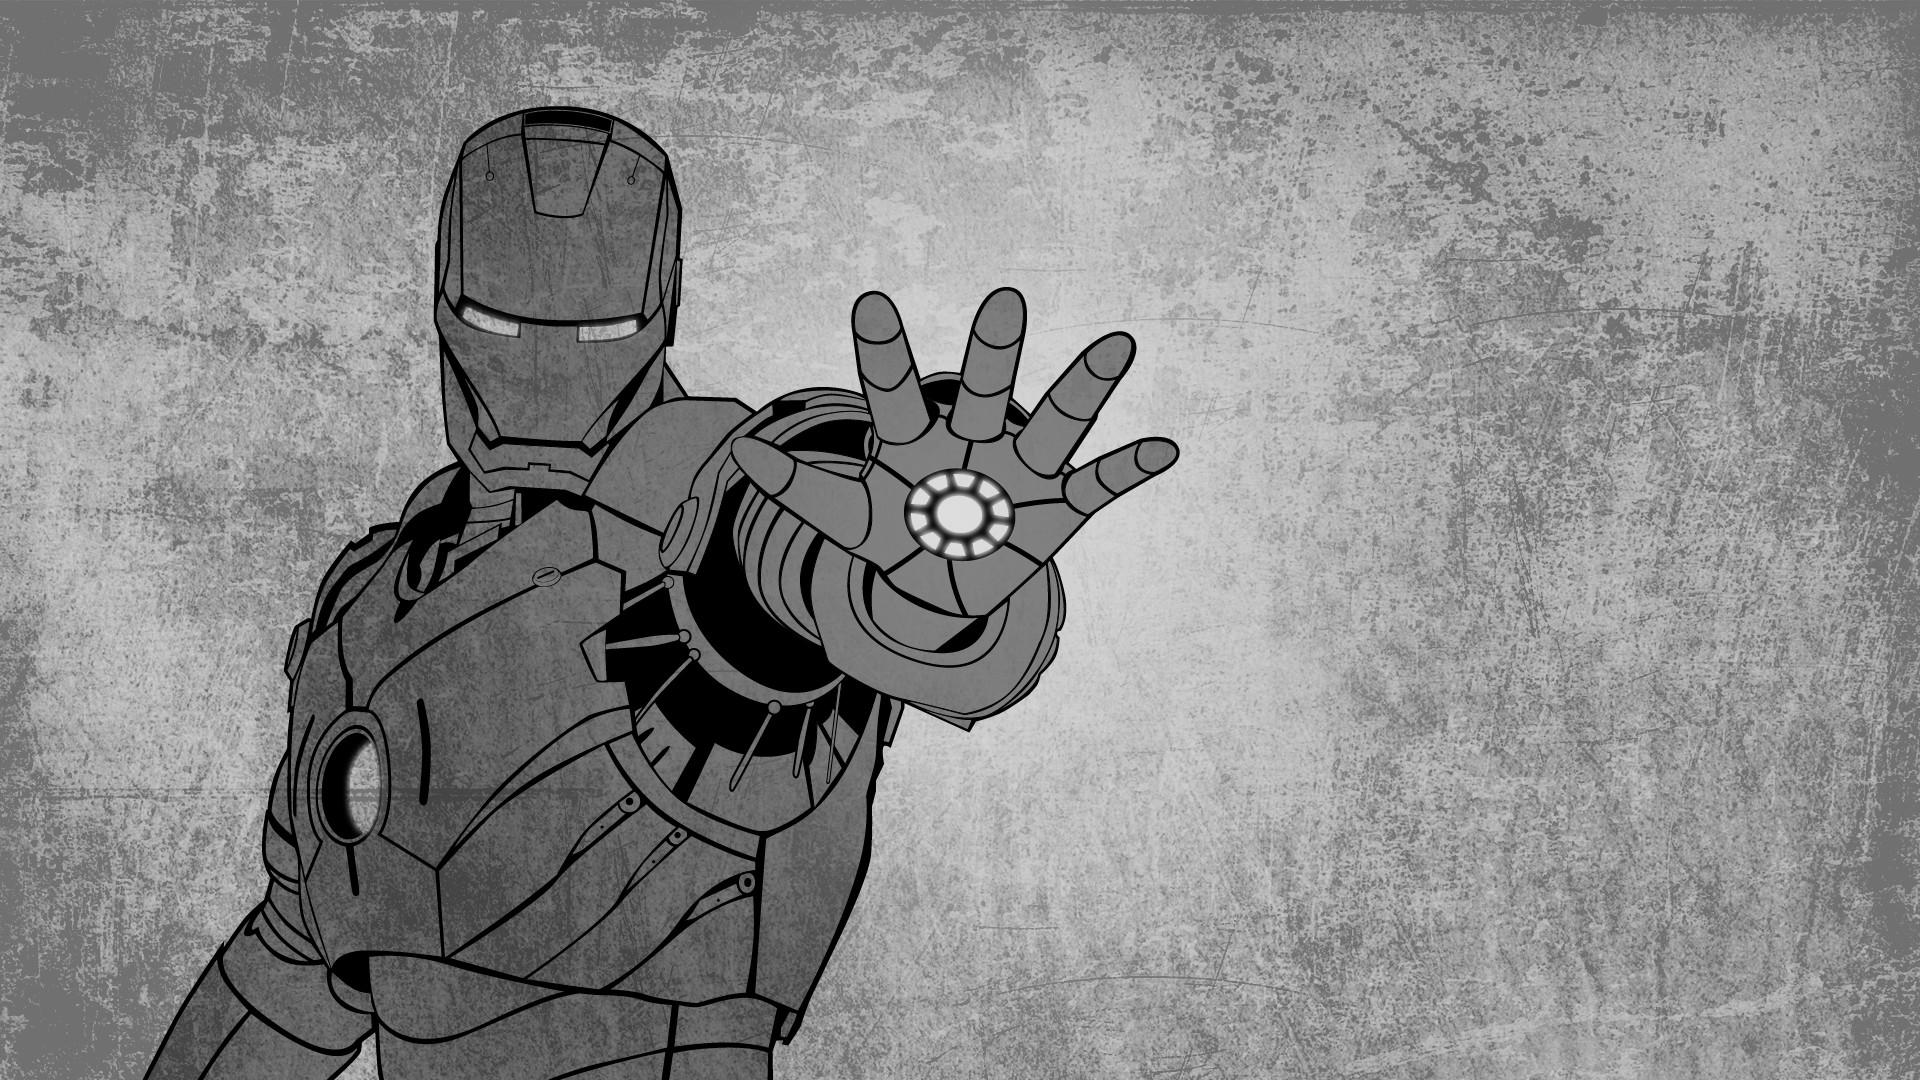 Iron Man Grunge Artwork